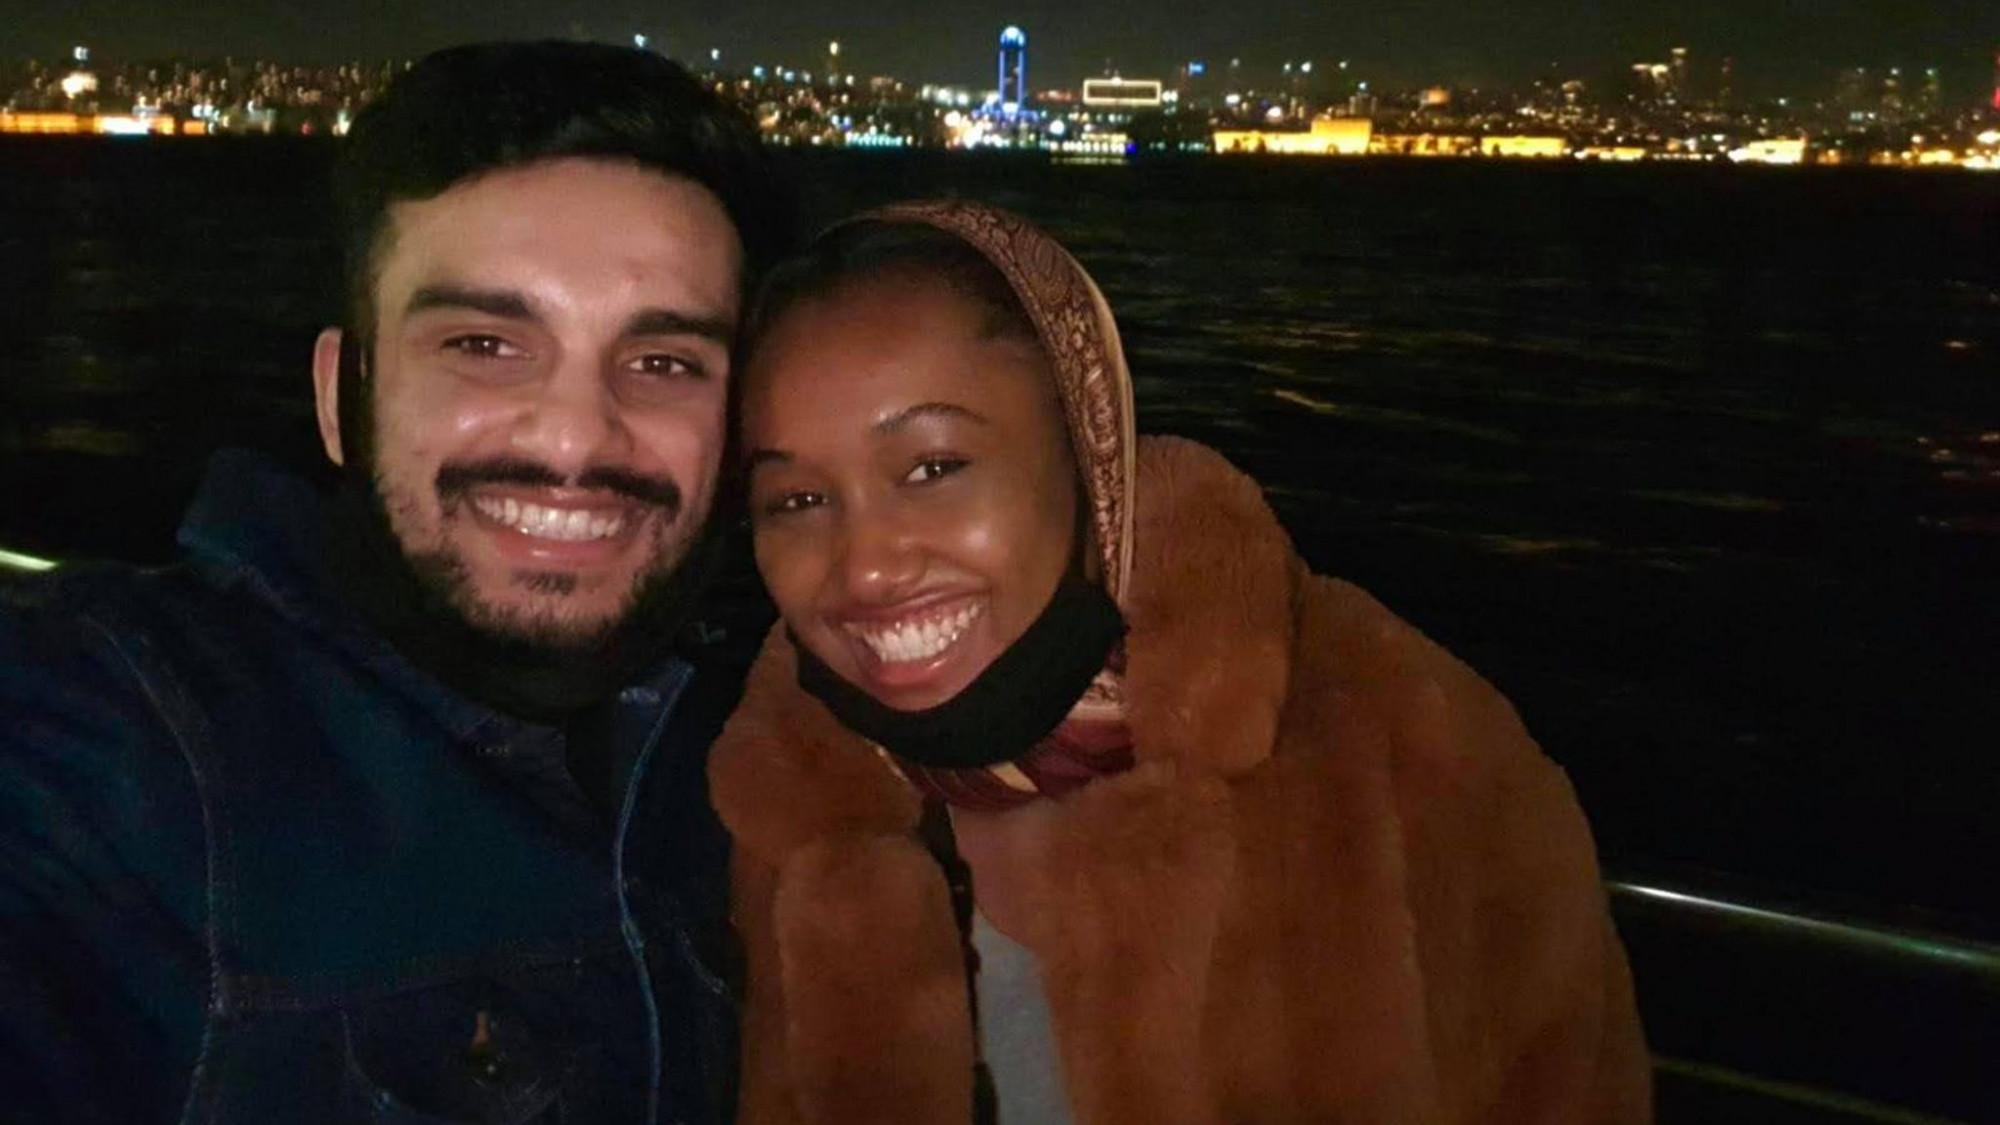 Lần may mắn hiếm hoi cô Dorian (người Mỹ) và anh Mohammad (người Anh) gặp được nhau ở Thổ Nhĩ Kỳ tháng 12/2020 - Ảnh: Sky News